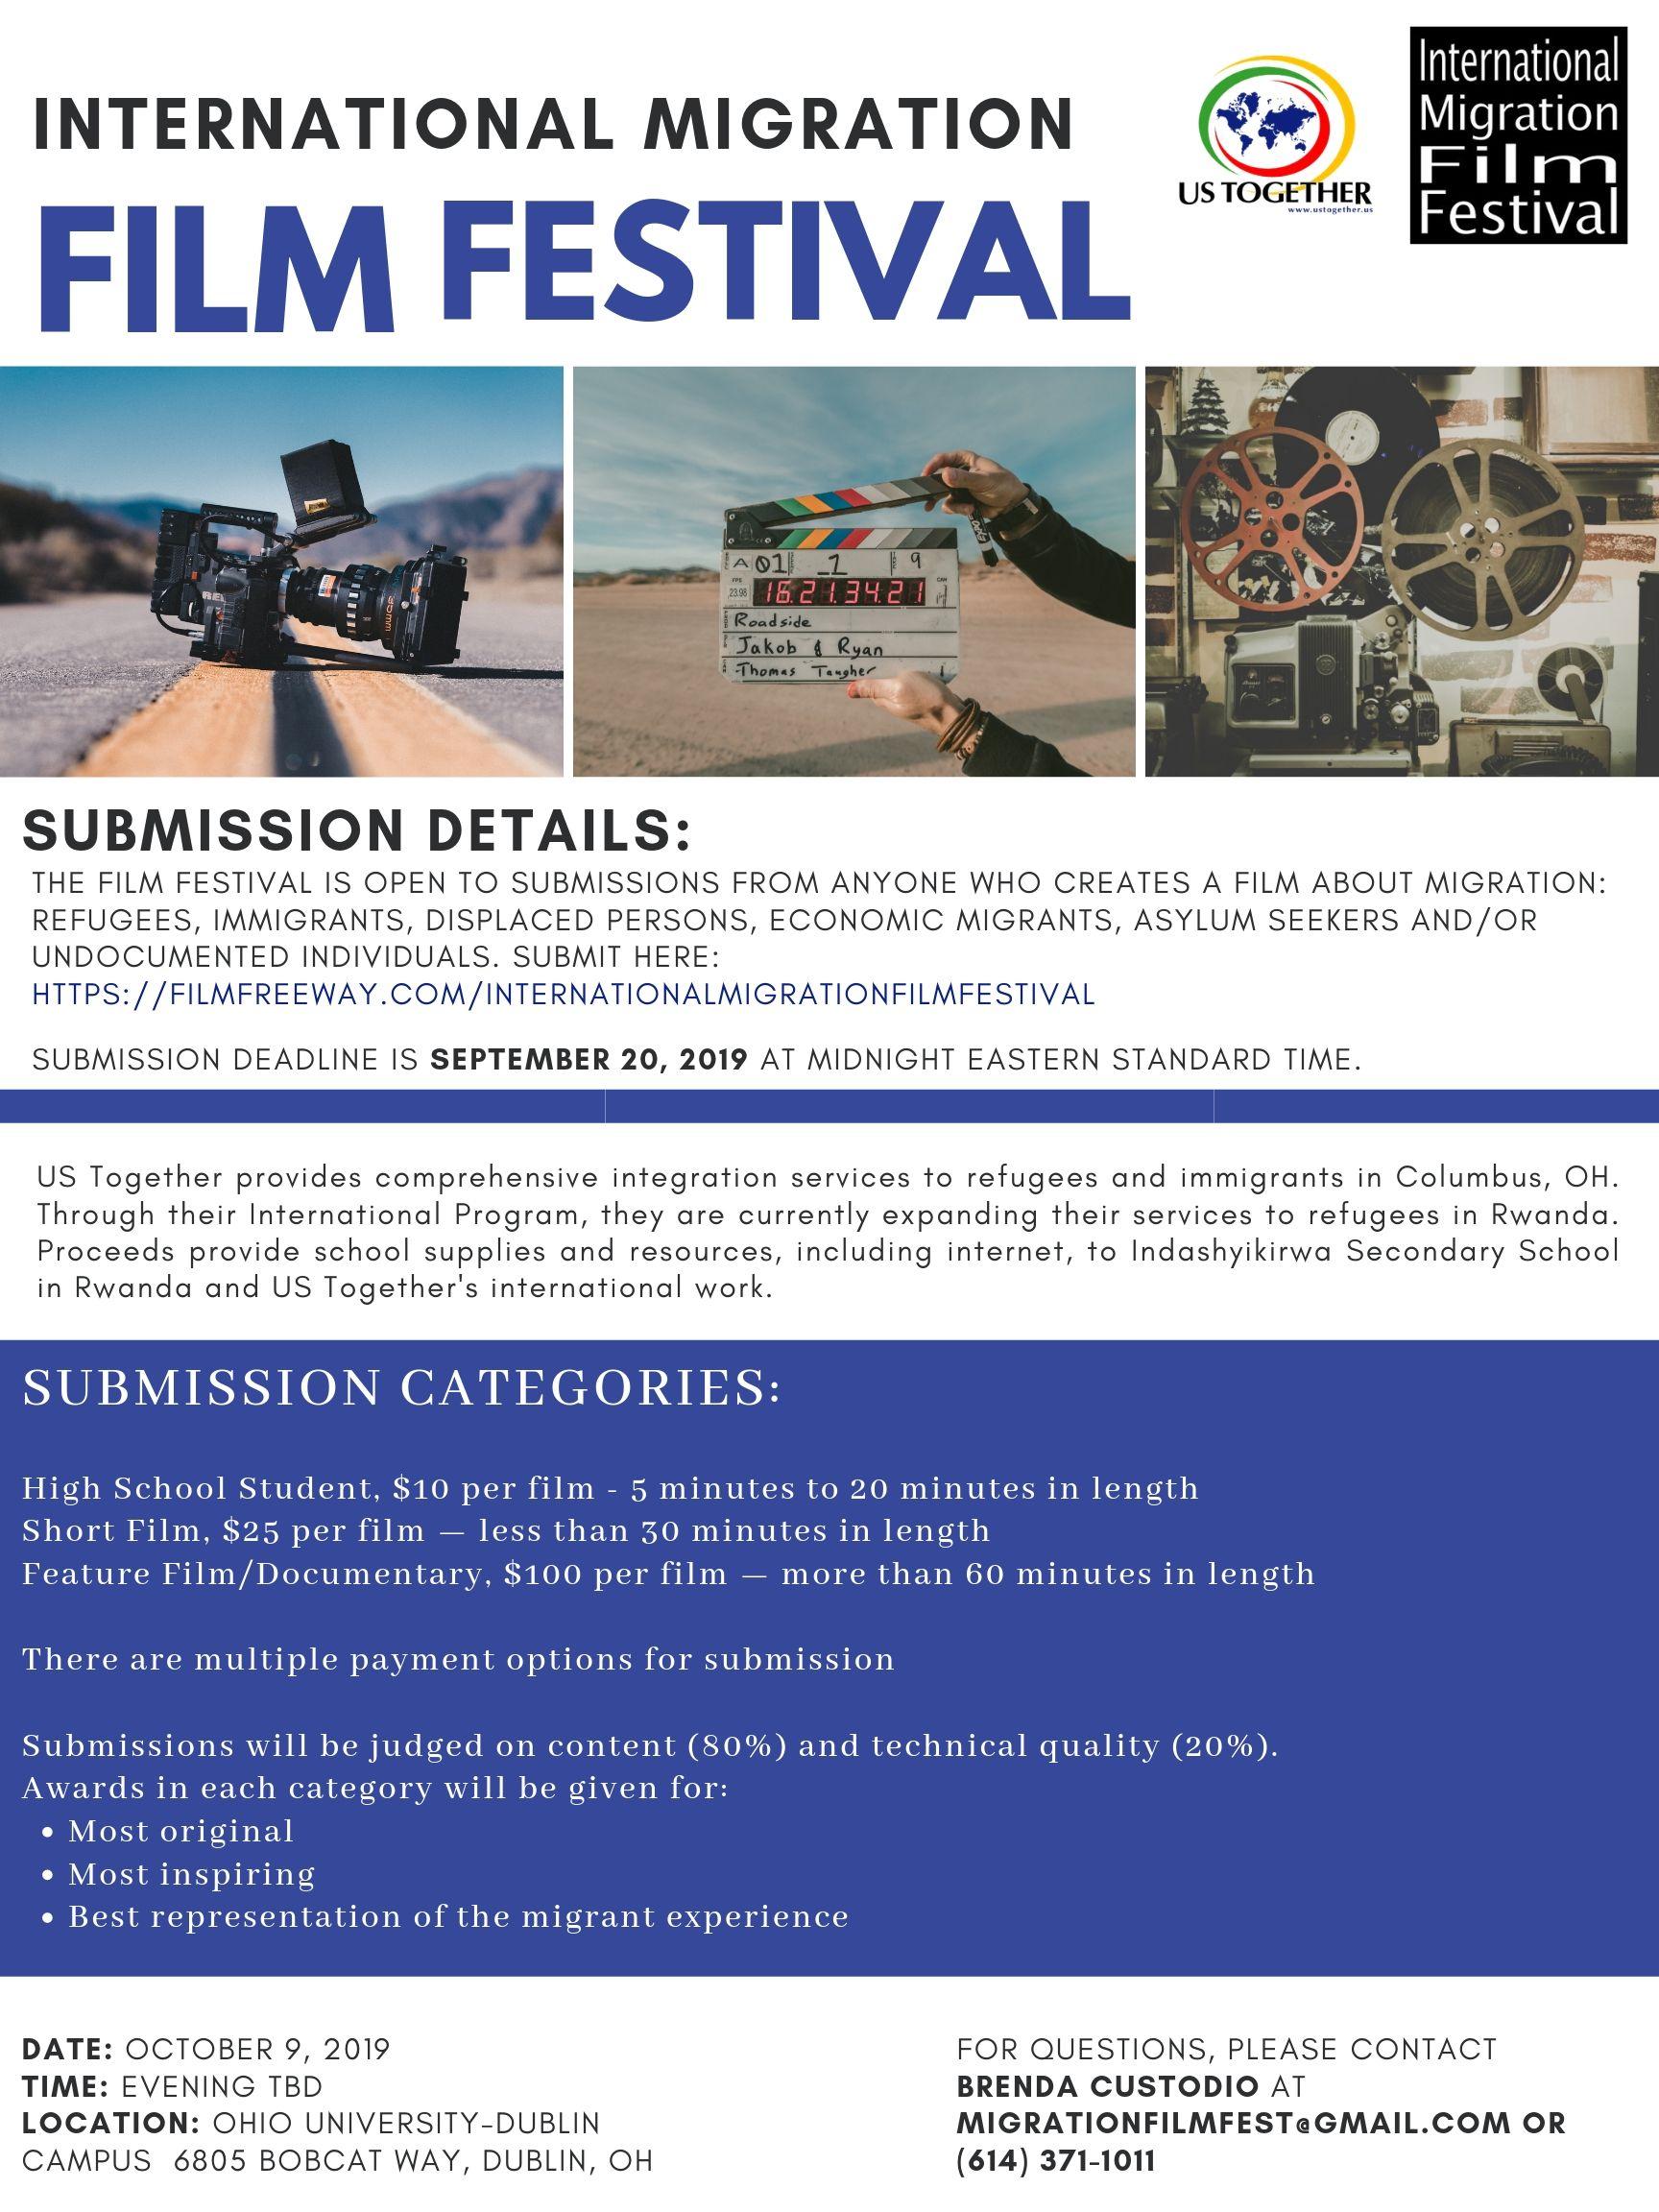 International Film Festival 2019 (2).jpg